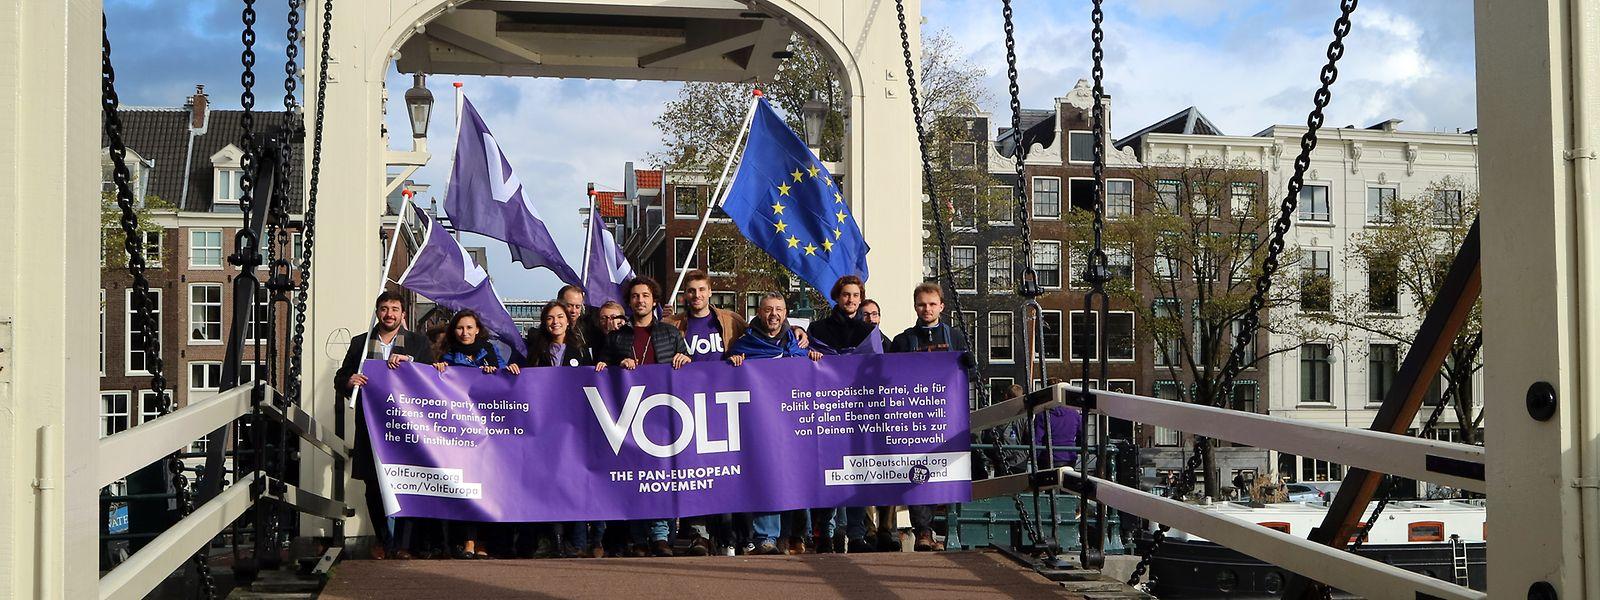 Mitglieder der proeuropäischen Partei Volt laufen in Amsterdam über eine Brücke.